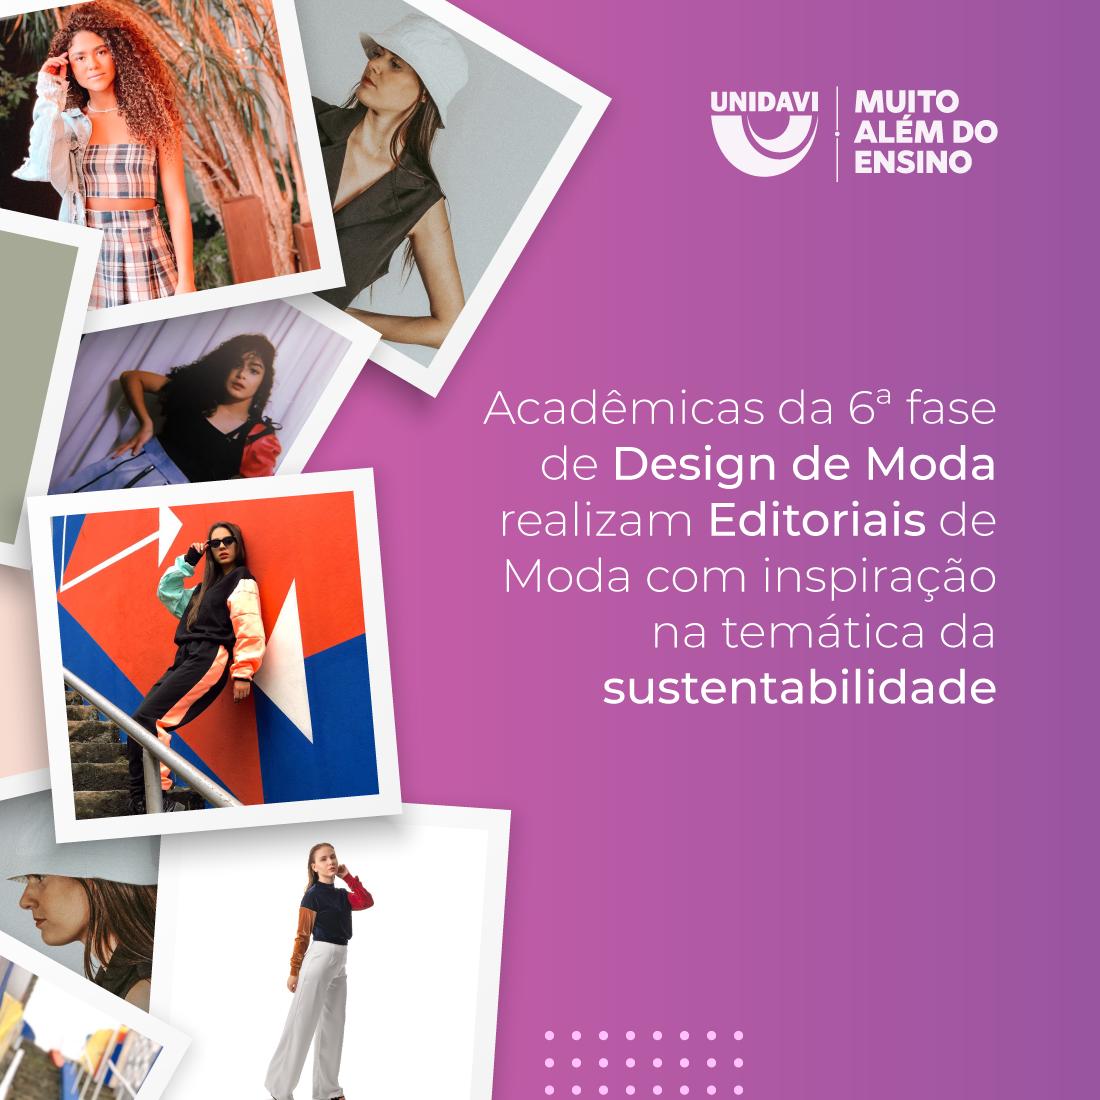 Acadêmicas da 6ª fase de Design de Moda realizam Editoriais de Moda com inspiração na temática da sustentabilidade